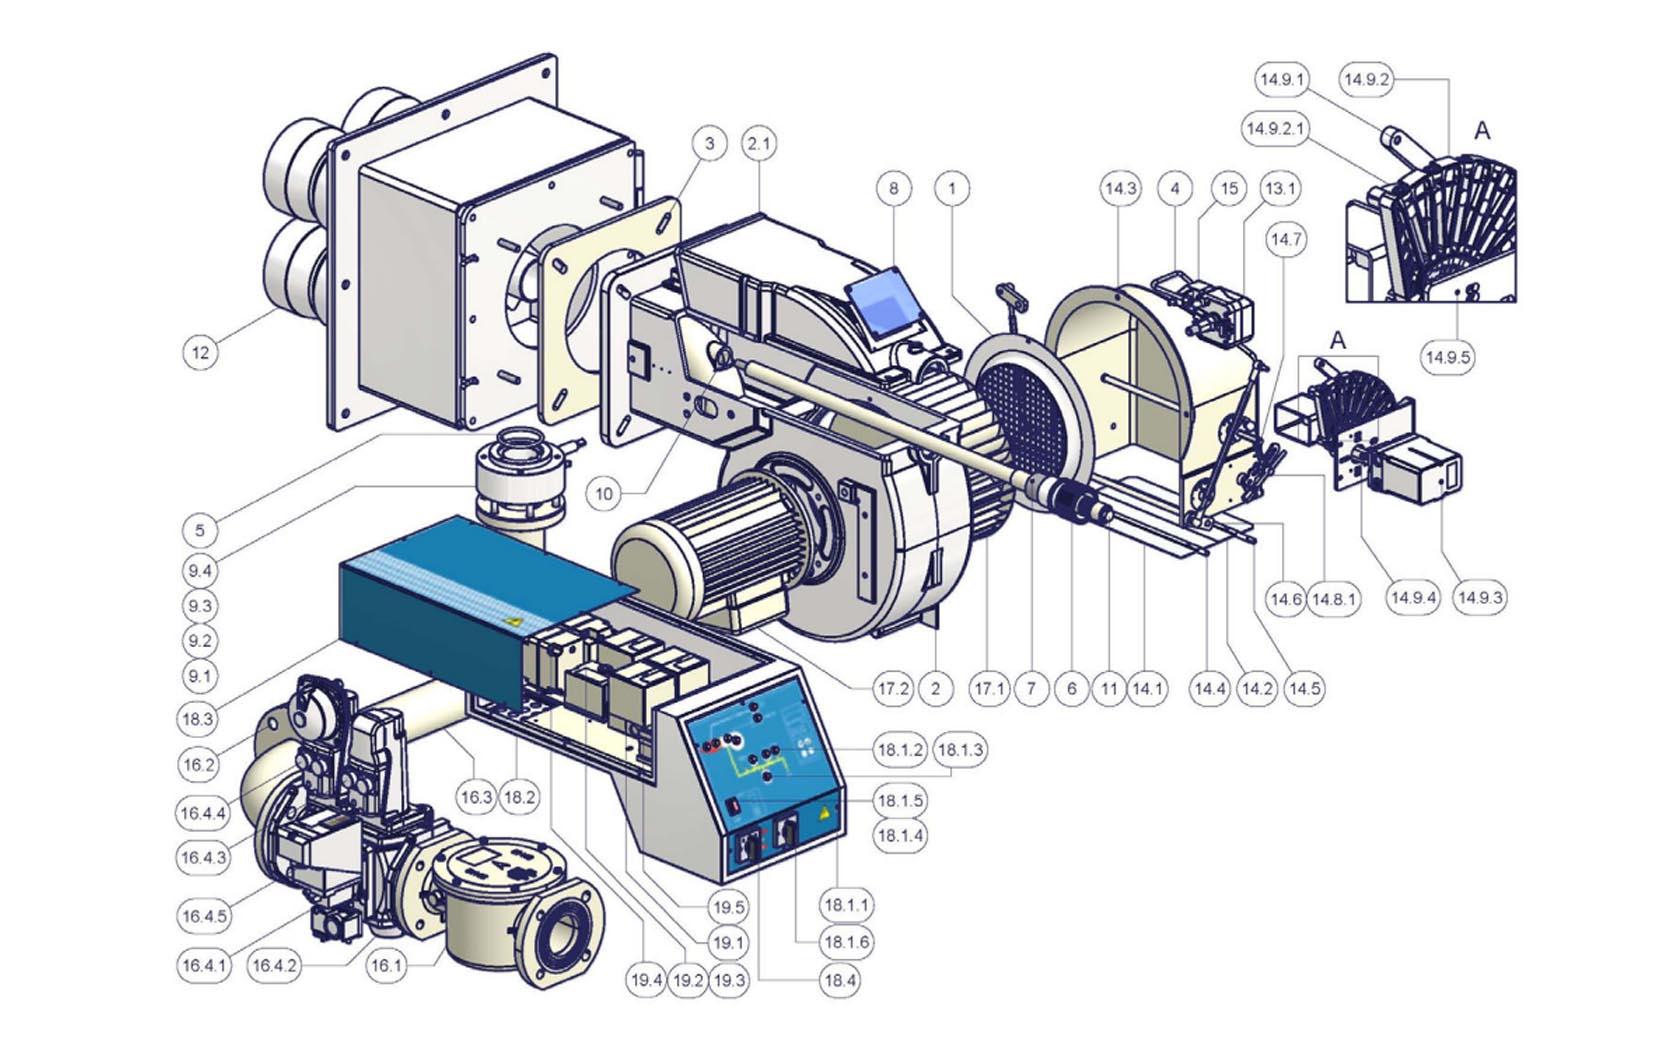 CIB Unigas Miniflam Tecnopan P72 VS